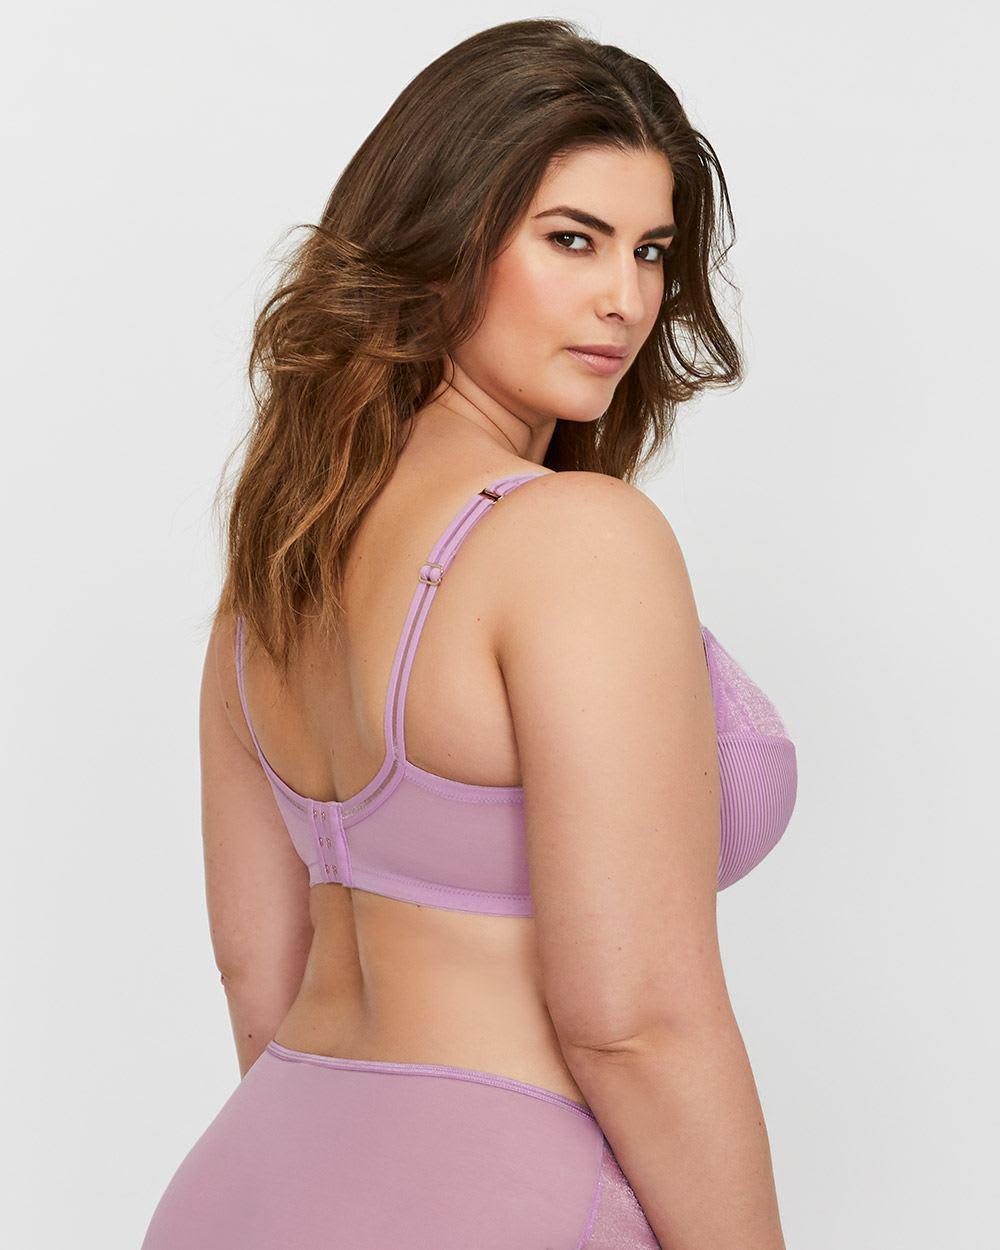 dda557caa3a Lyst - Addition Elle Ashley Graham Fatal Attraction Shadow Stripe Bra in  Purple - Save 21%